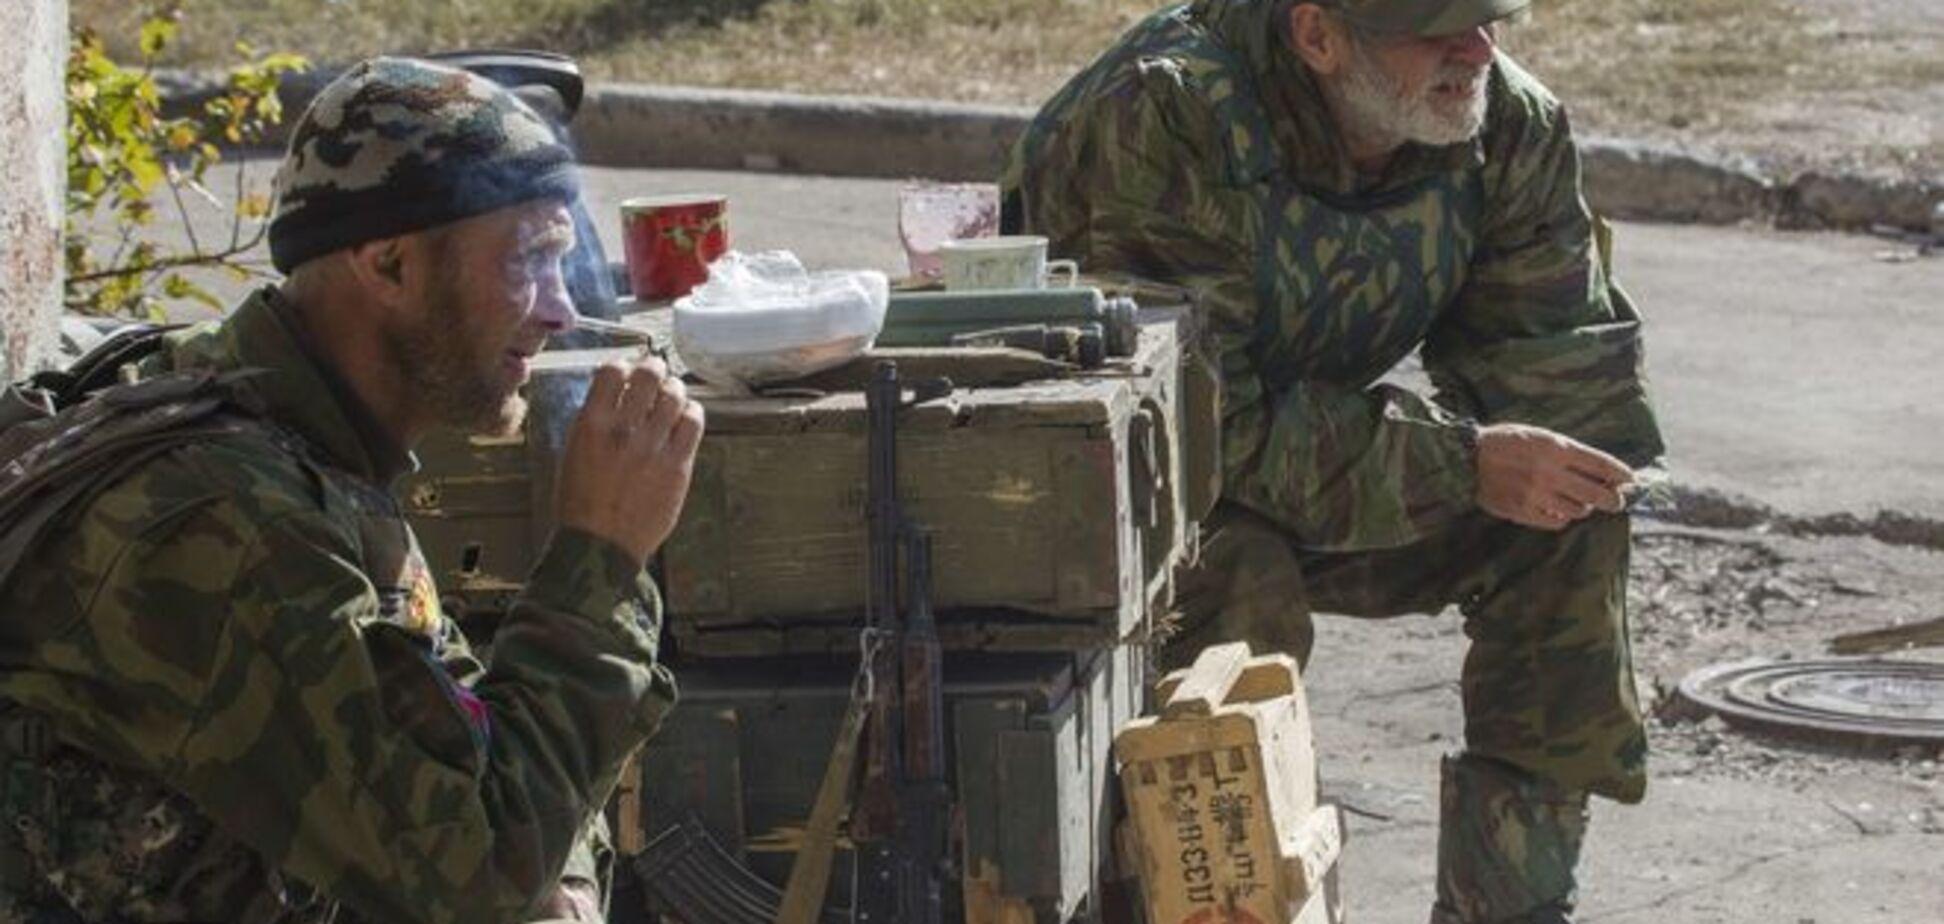 Плотницкий жаждет полной власти: боевики 'ЛНР' пытались убить 'полевого командира' Антрацита